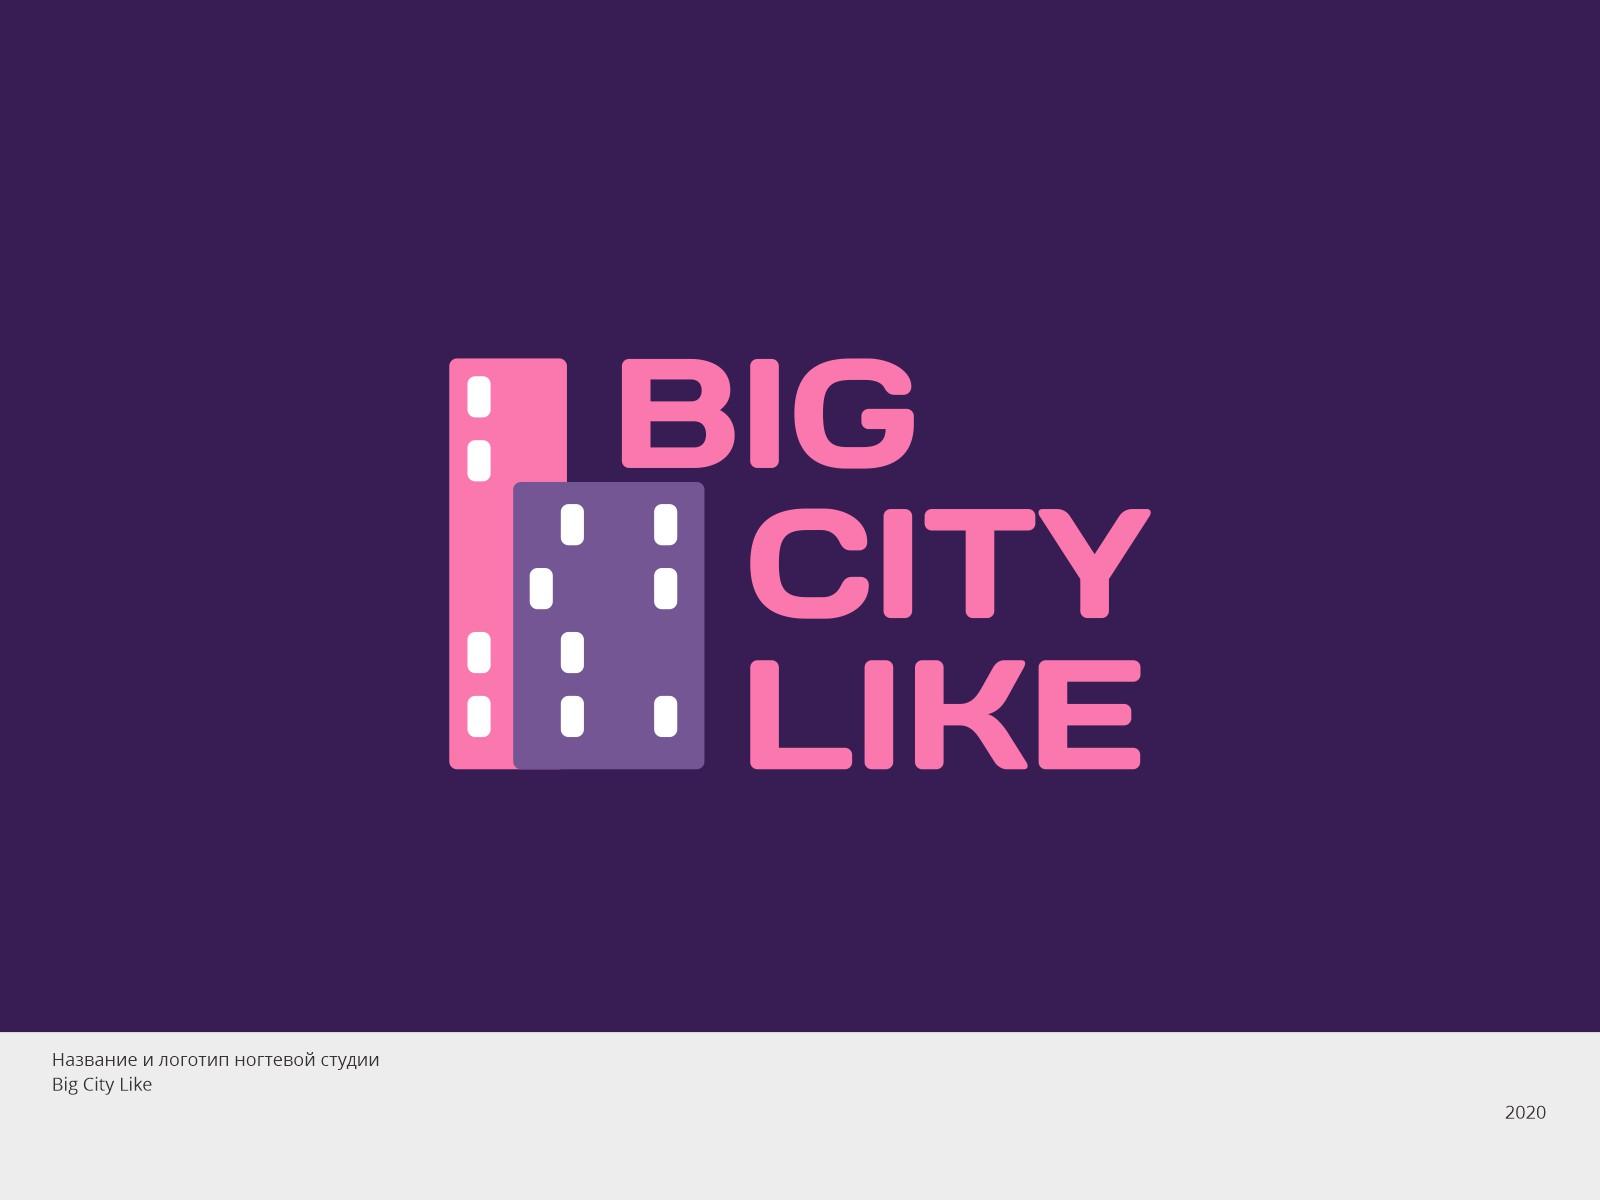 Название и логотип Big City Like